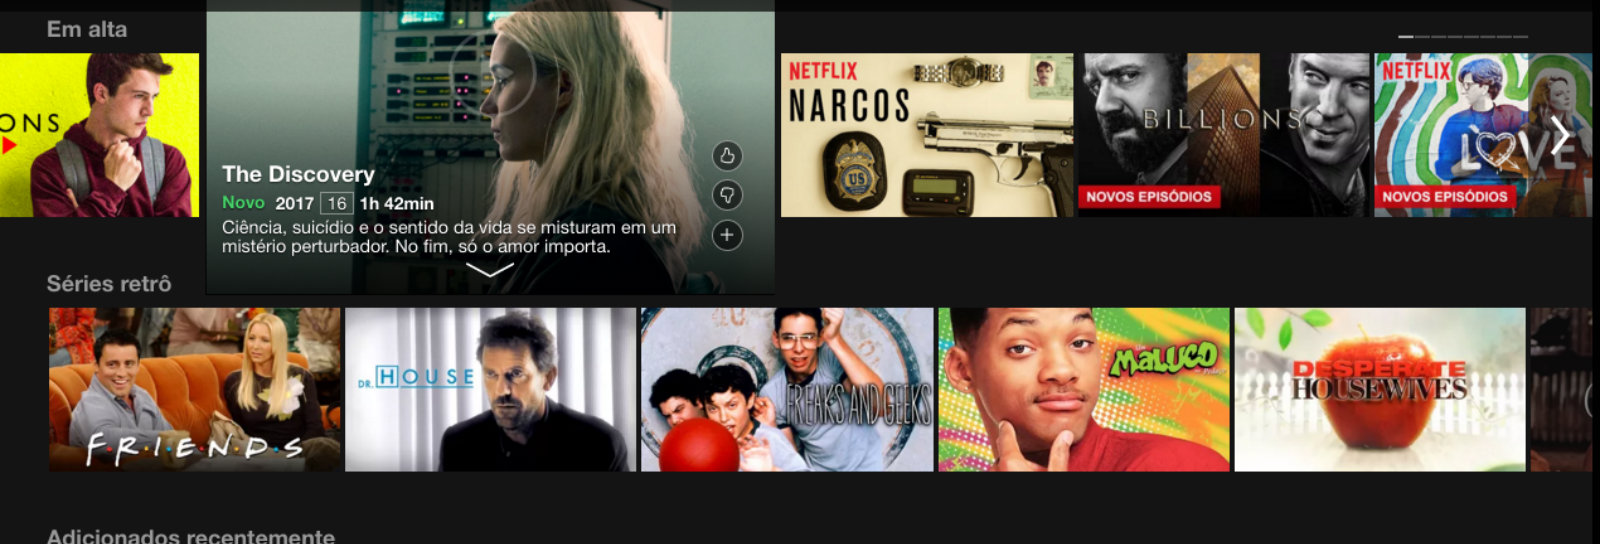 Netflix cria teste online para recrutar tradutores pelo mundo